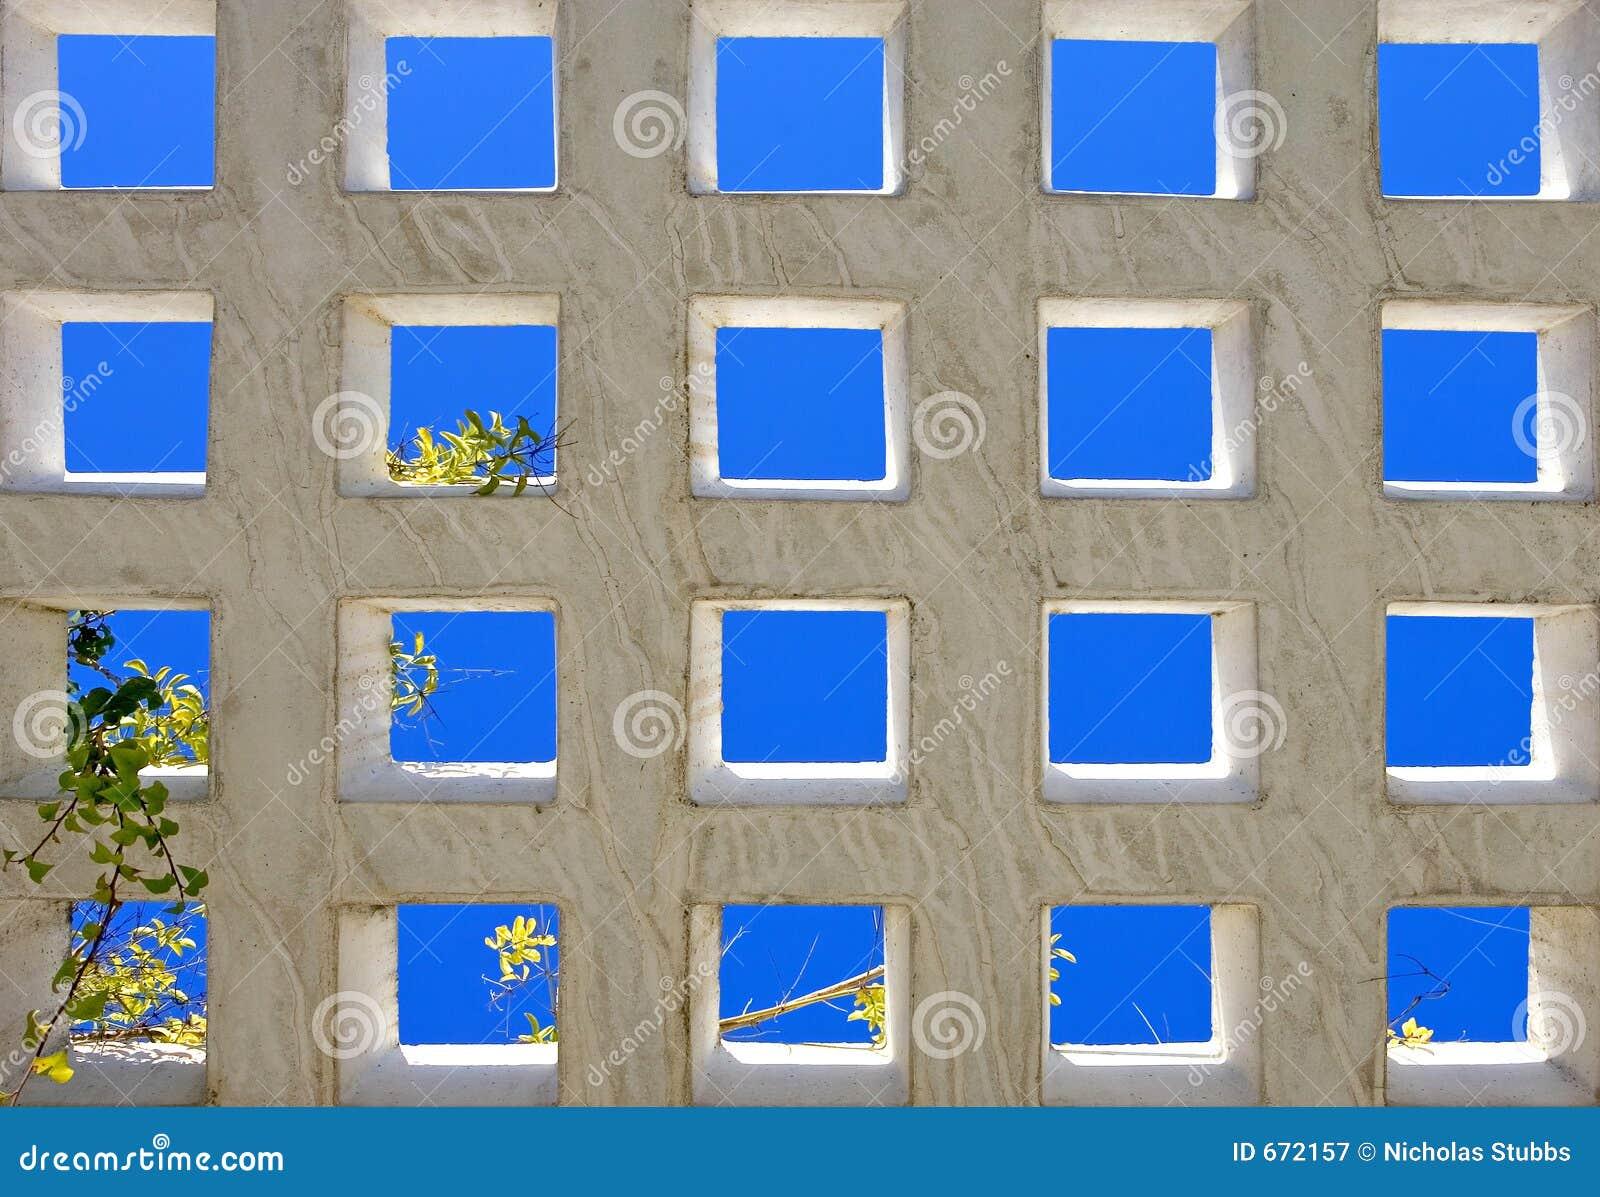 Abstrakcjonistycznej architekturę bystre nowoczesnych placów niebieskie